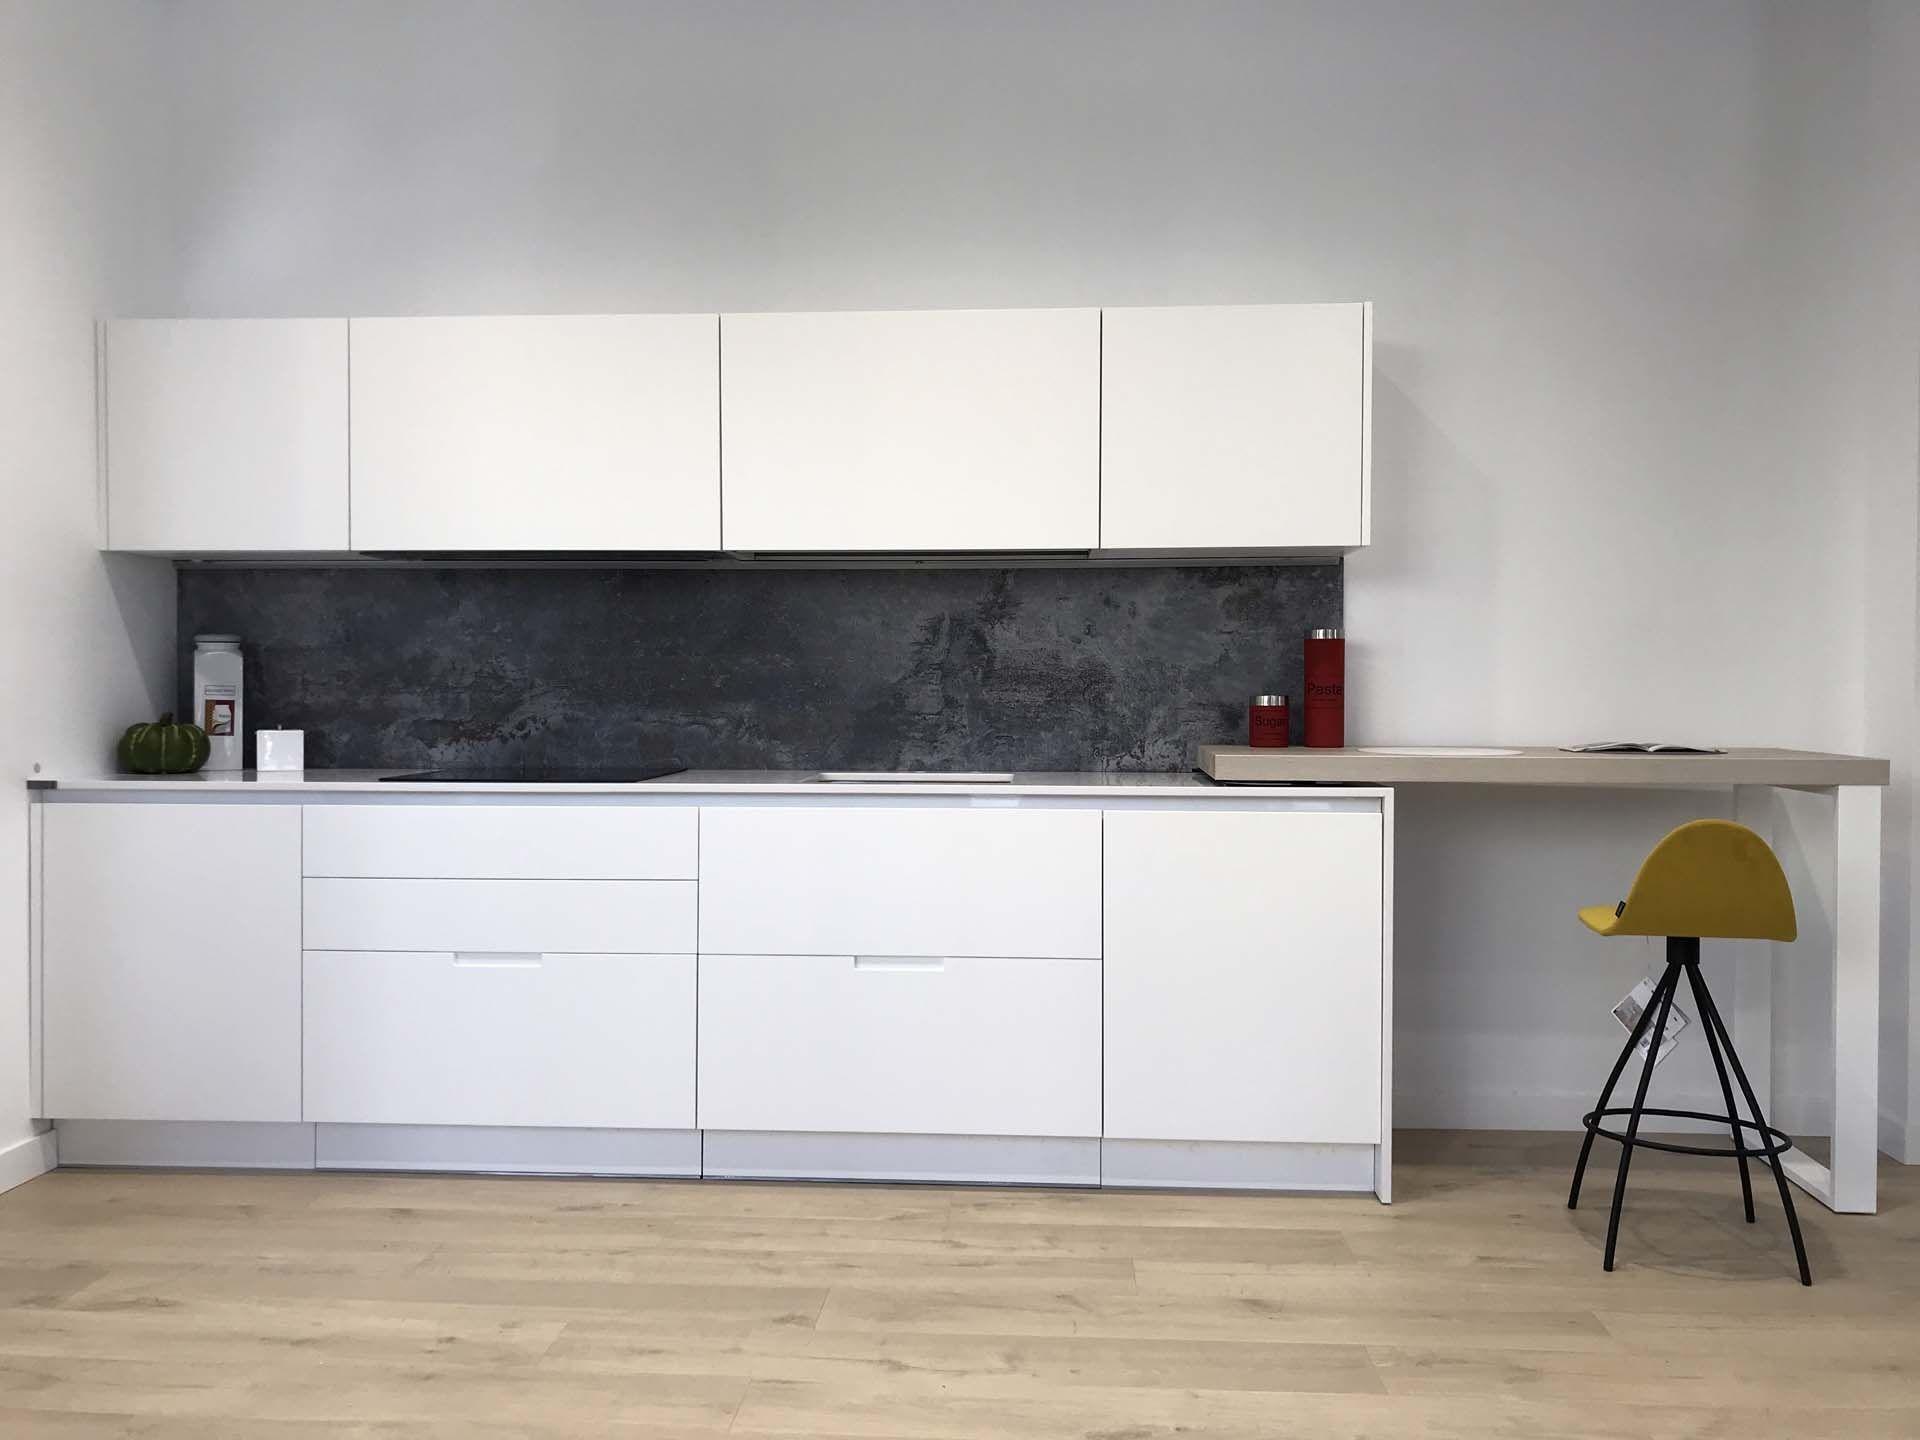 Cocina Minimalista Lacada Blanca Mate Con Tirador Cairo Esta  ~ Limpiar Muebles De Cocina De Formica Mate